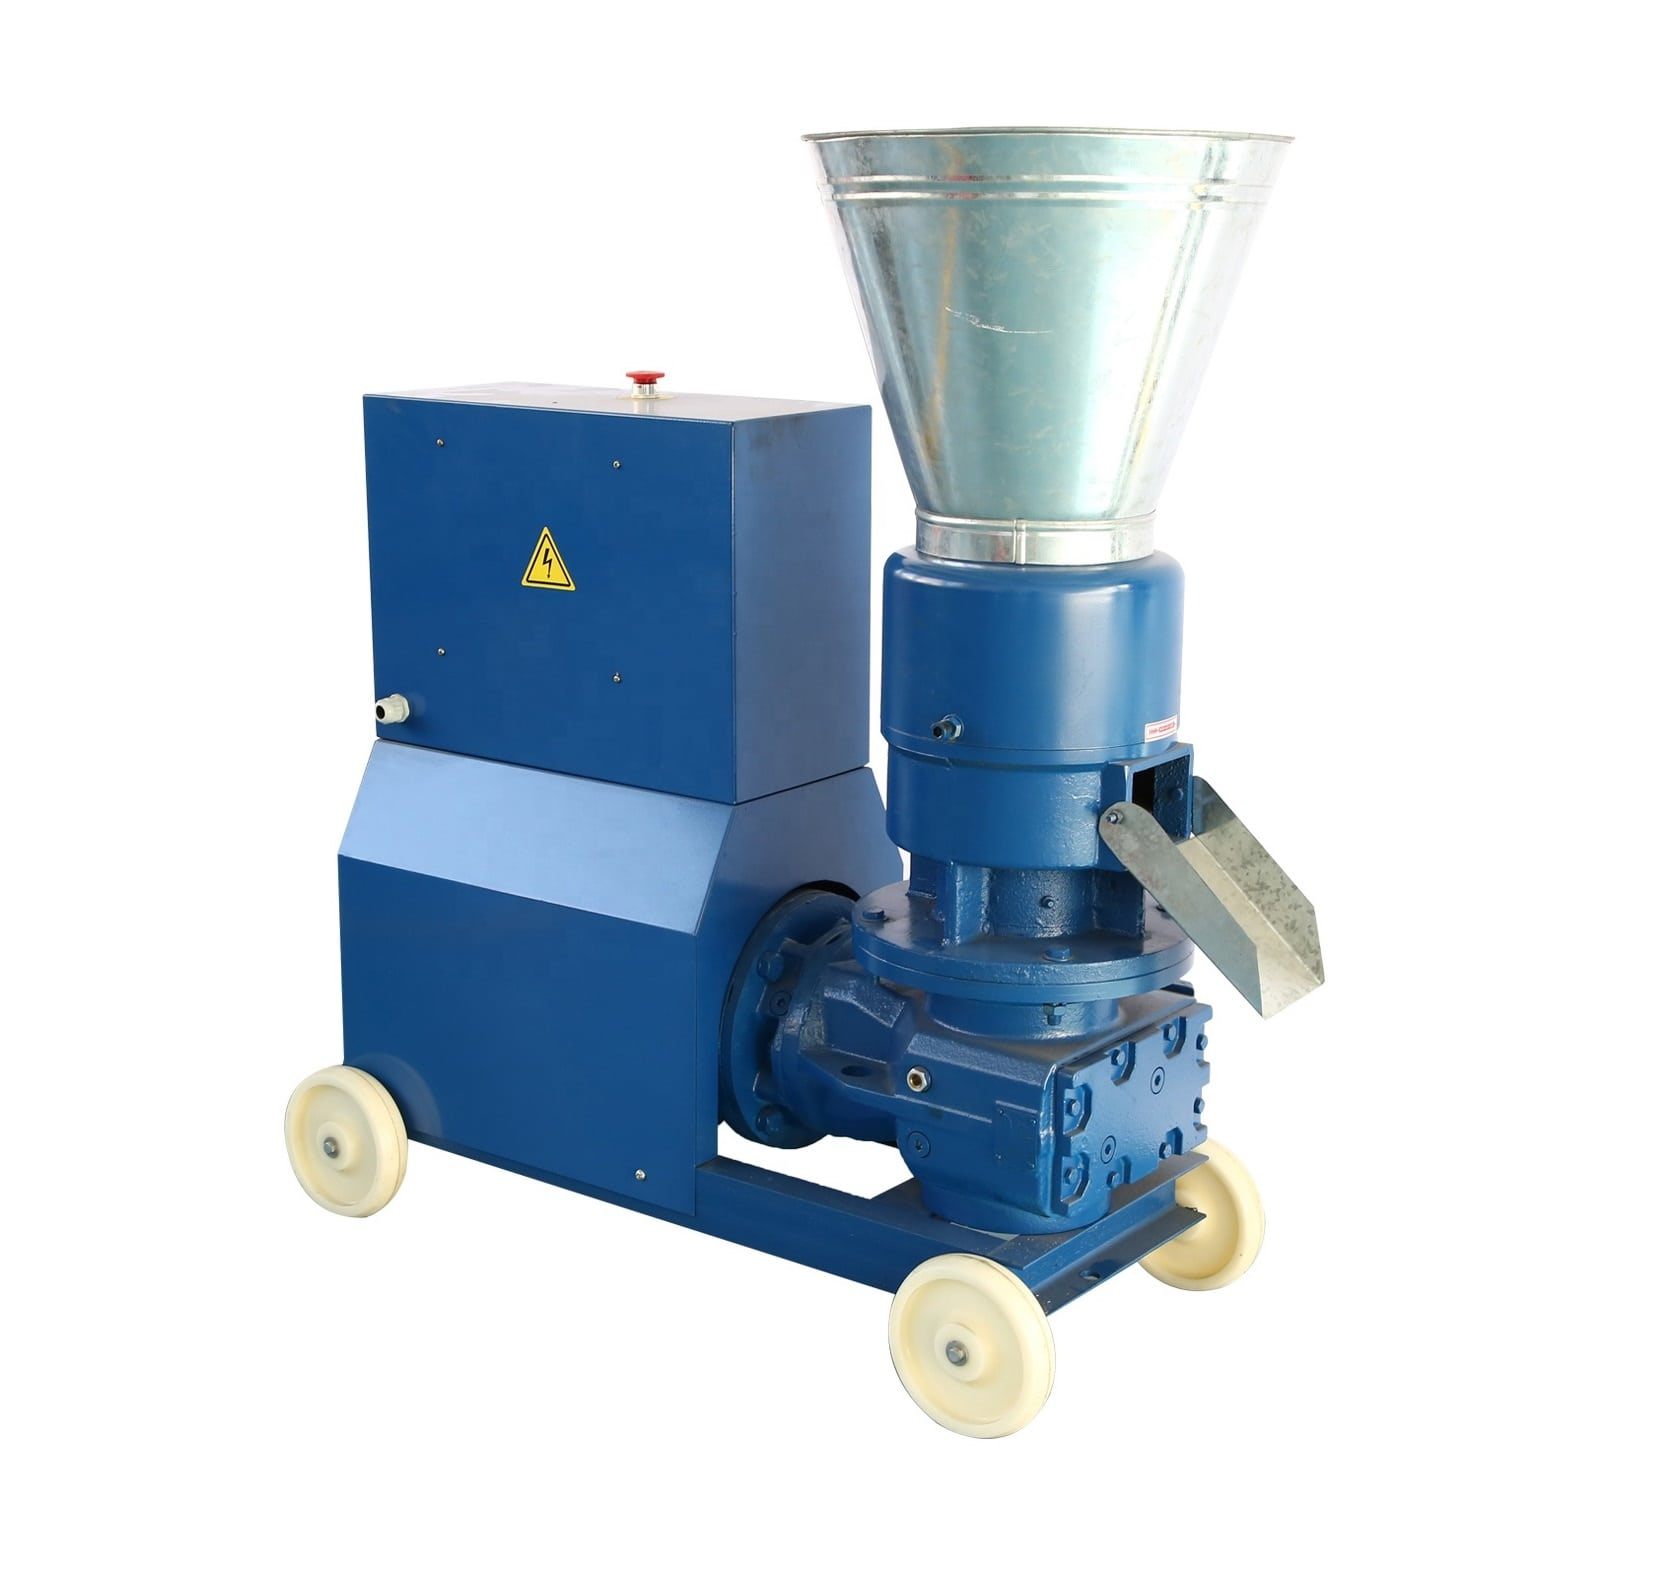 Оборудование для производства пеллет: характеристики, цены